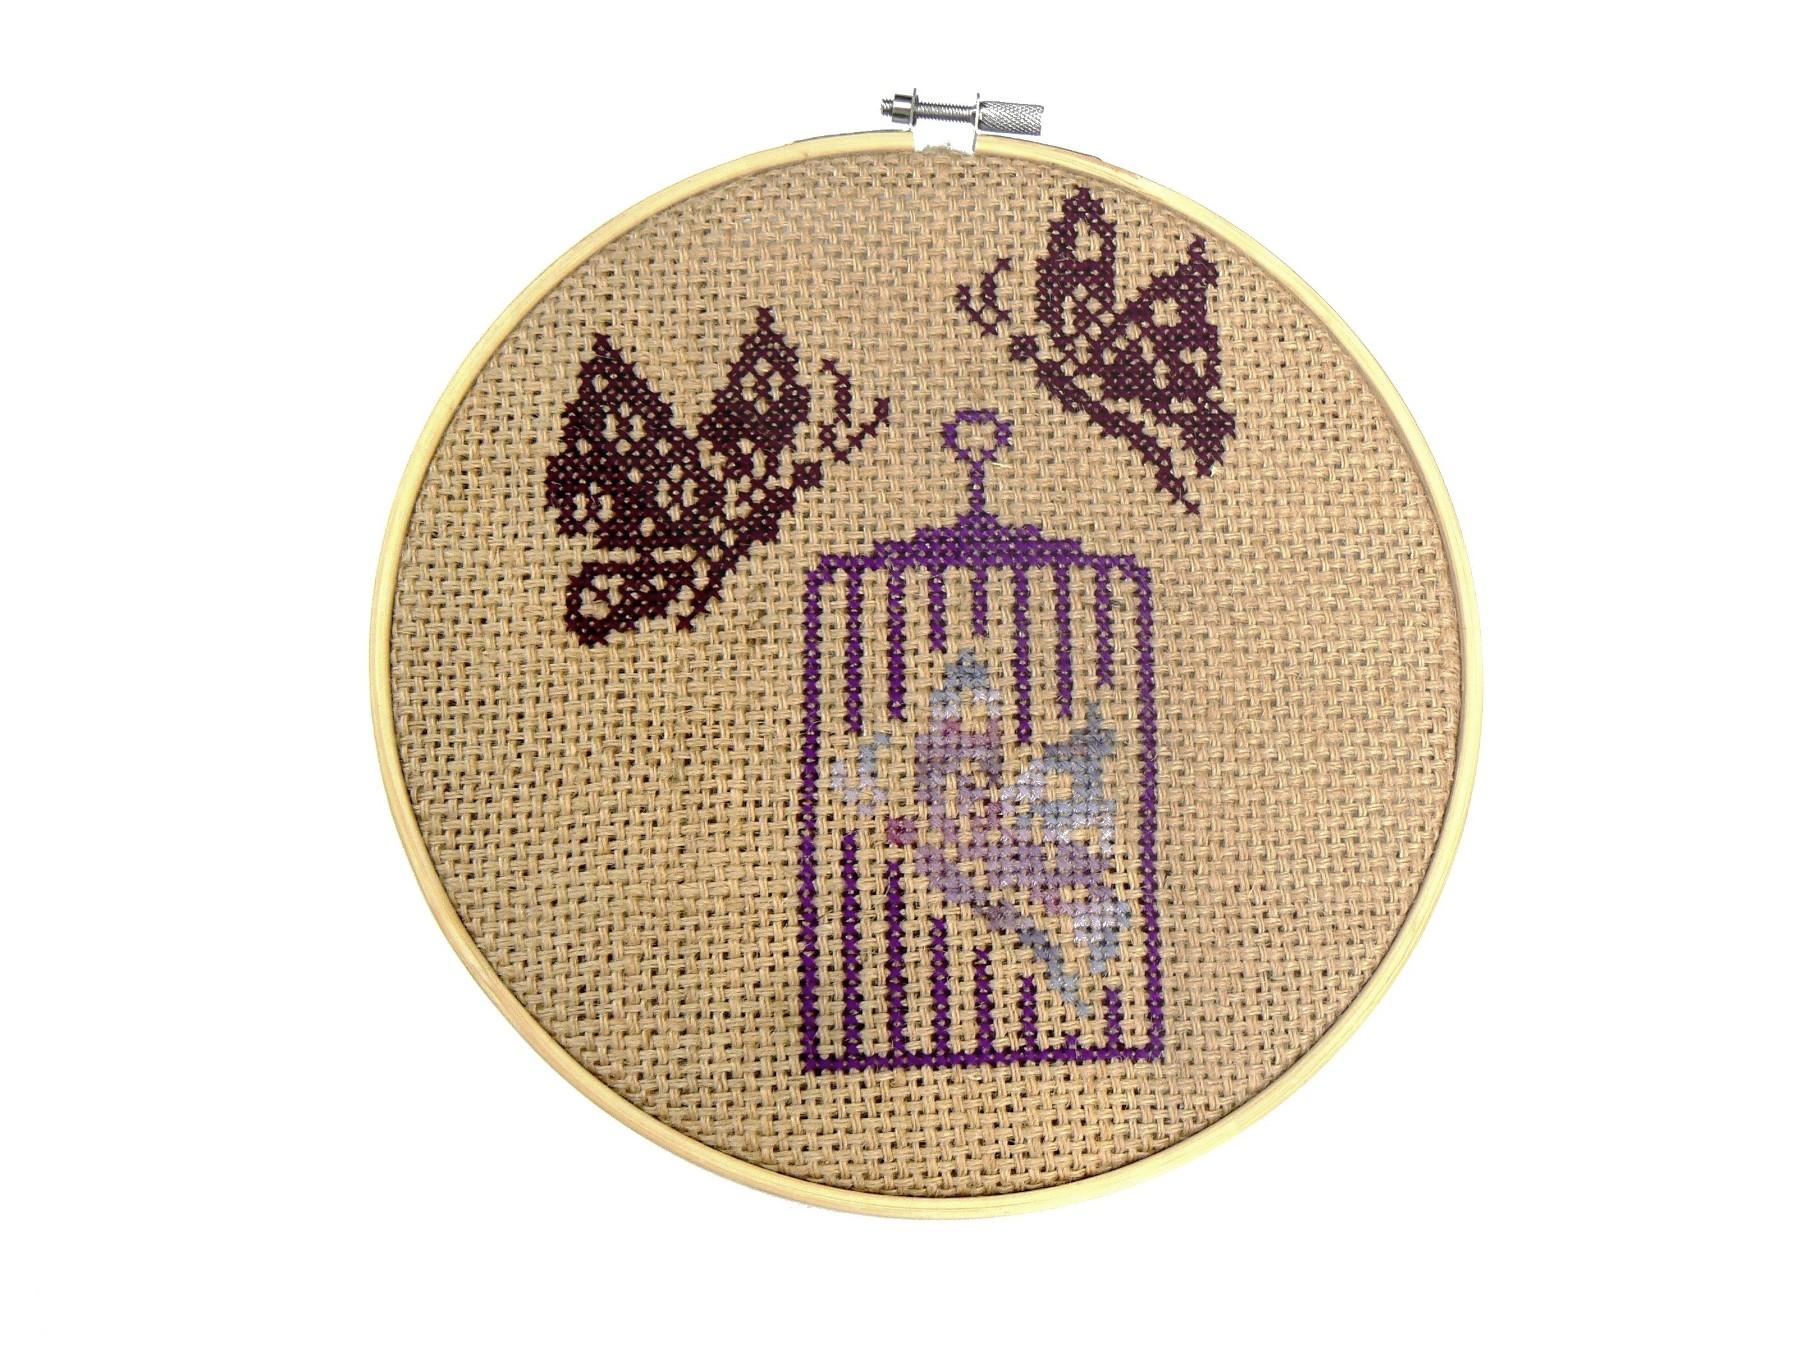 Kit DIY cage aux papillons à broder au point de croix sur toile de jute